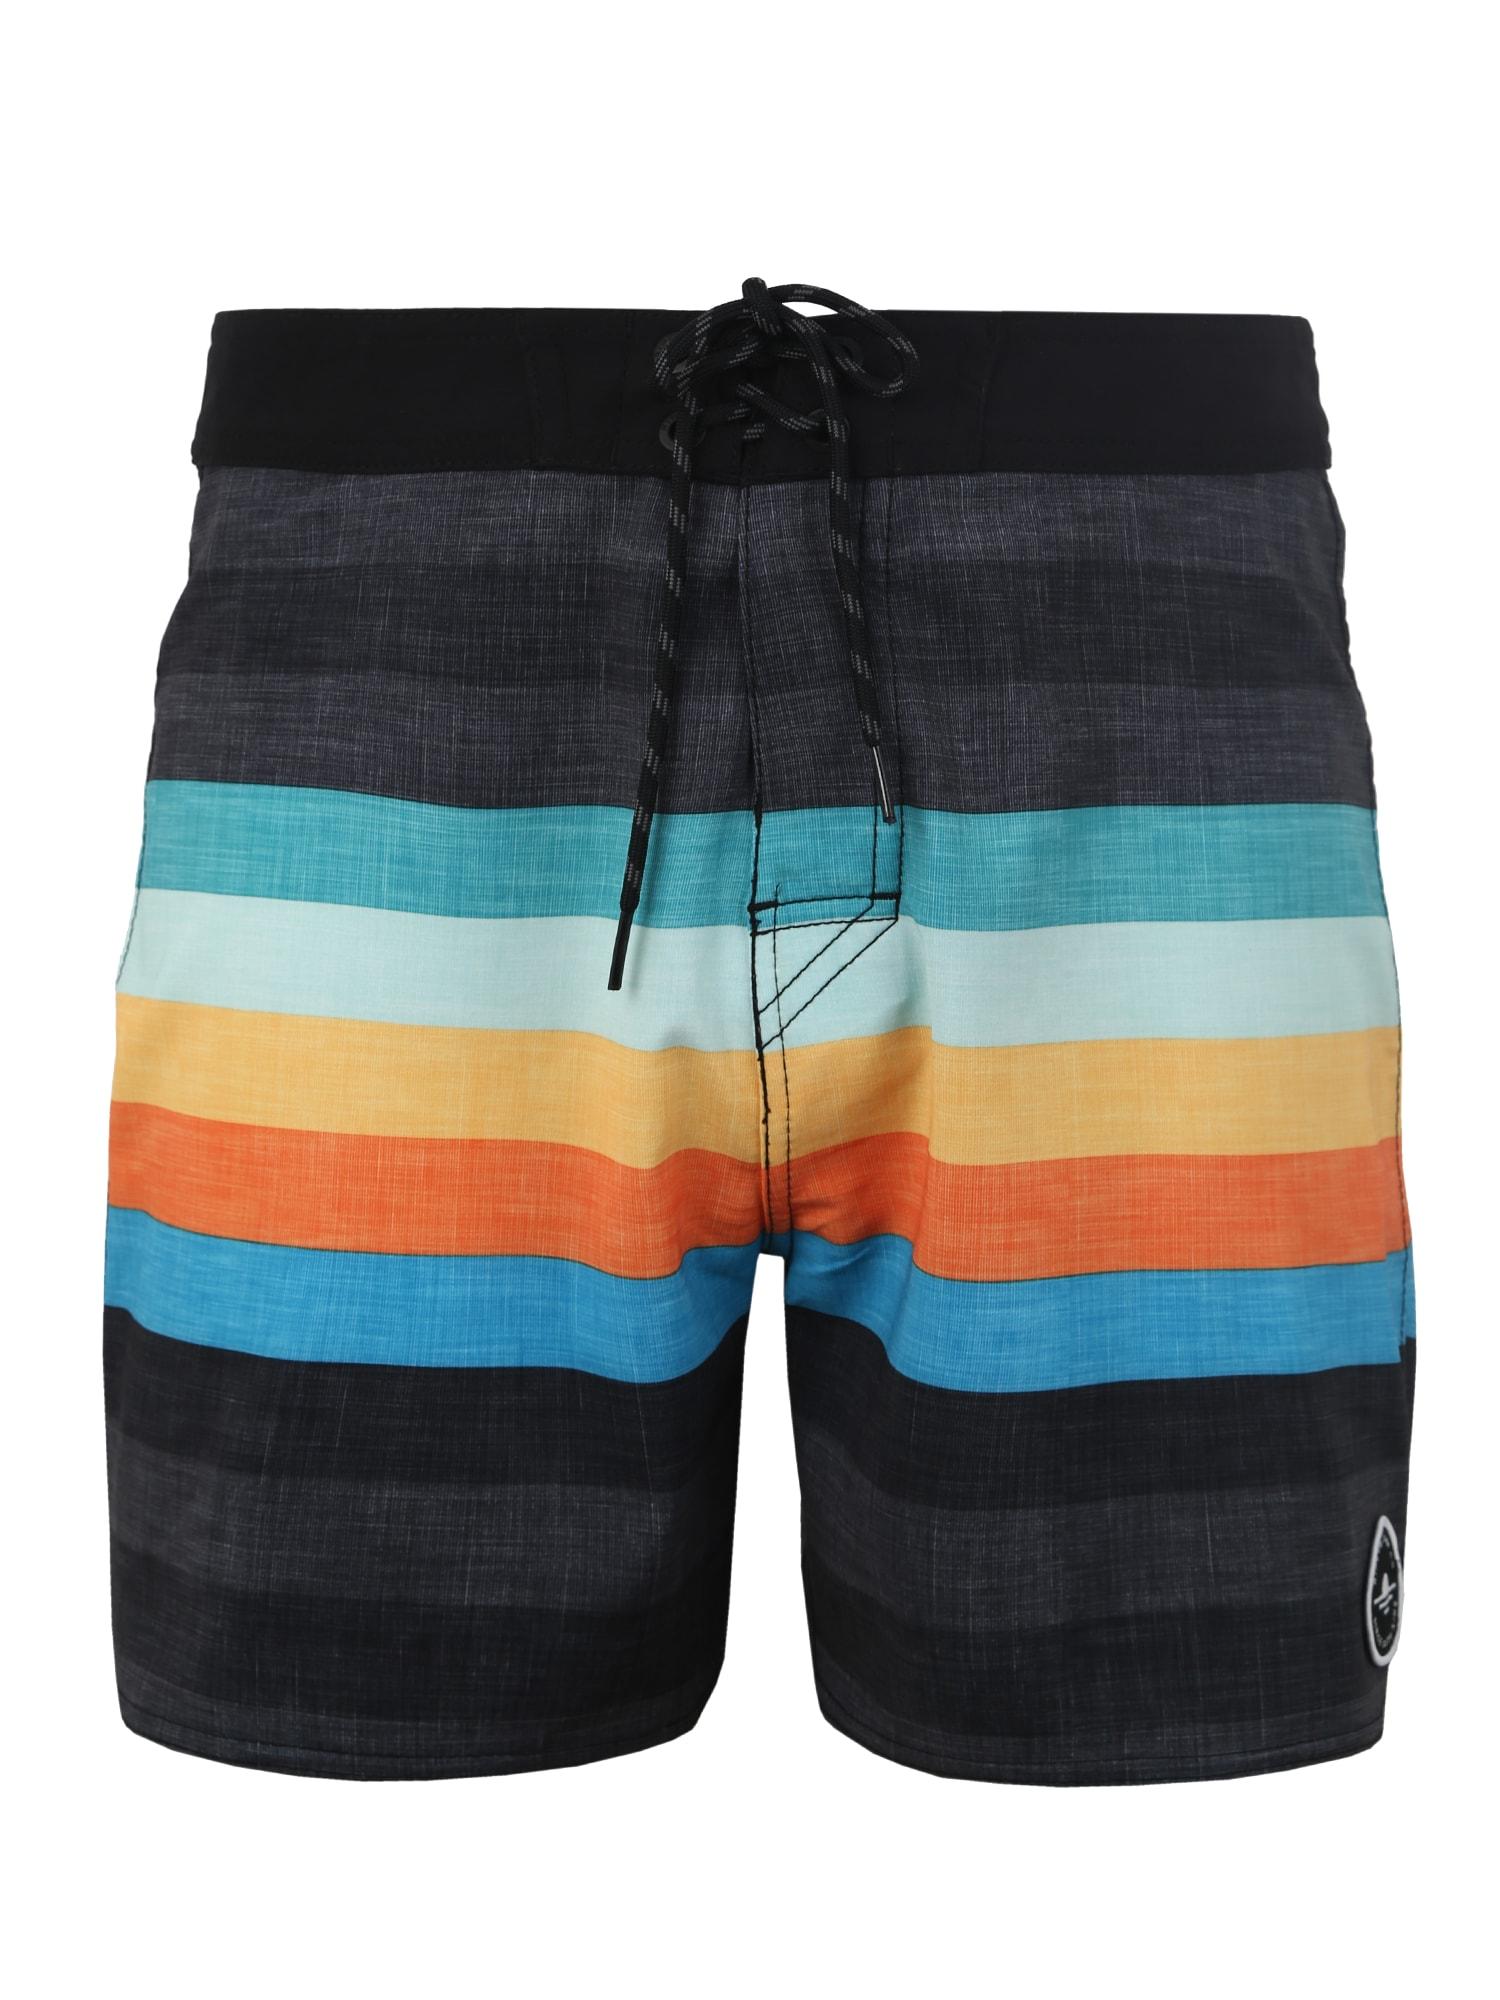 Plavecké šortky RETRO HEY MAMA 16 mix barev černá RIP CURL